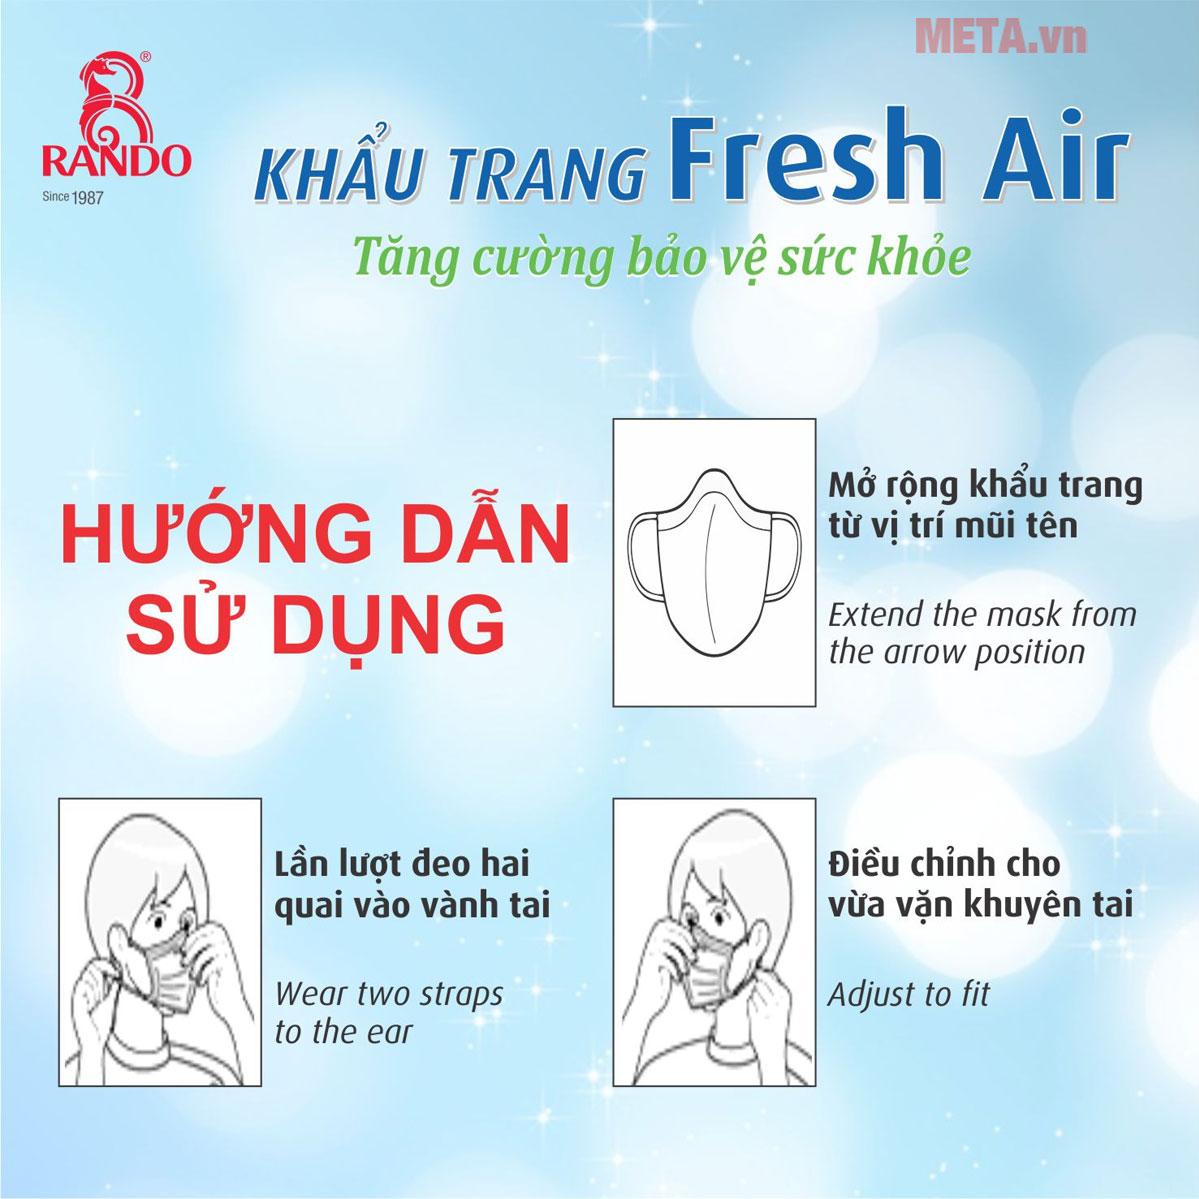 Cách sử dụng khẩu trang Fresh Air Rando trẻ em